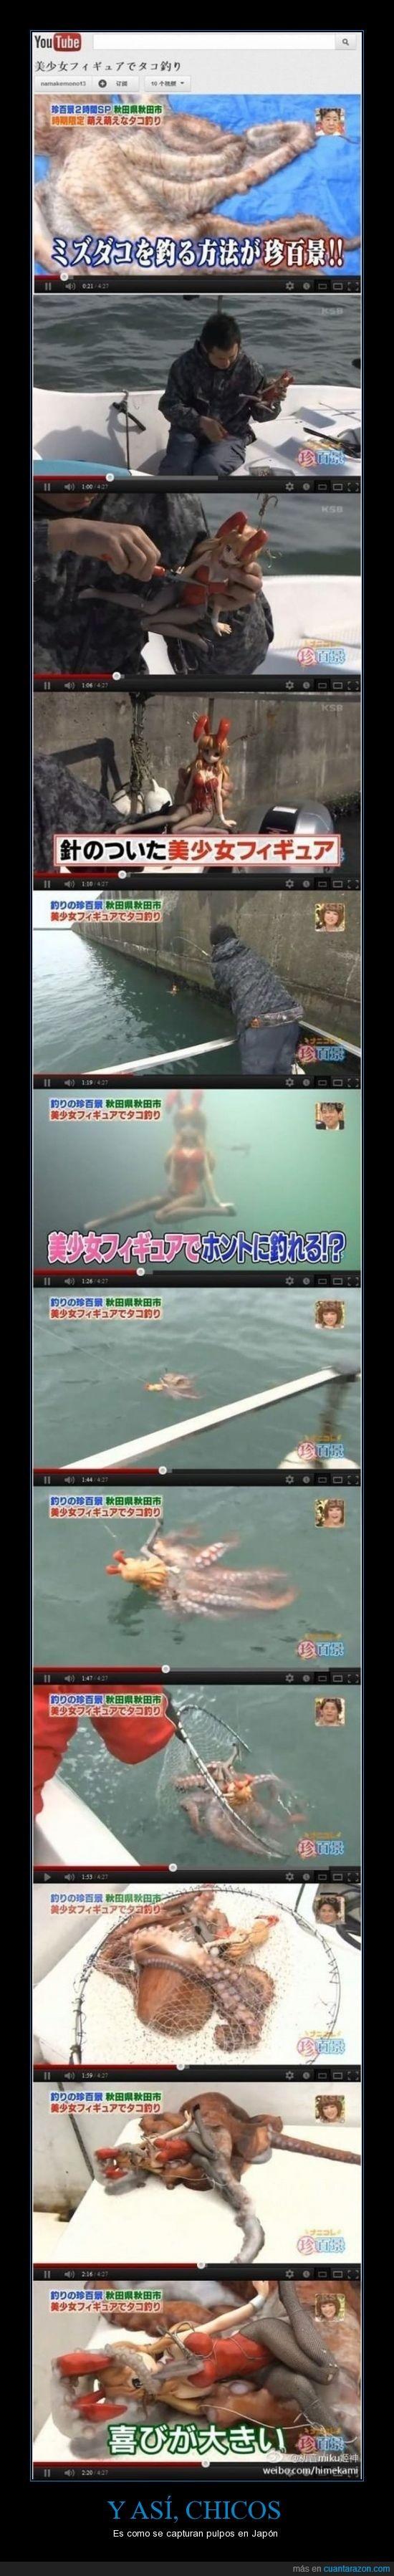 capturar,japon,mujer,pulpo,tentaculos